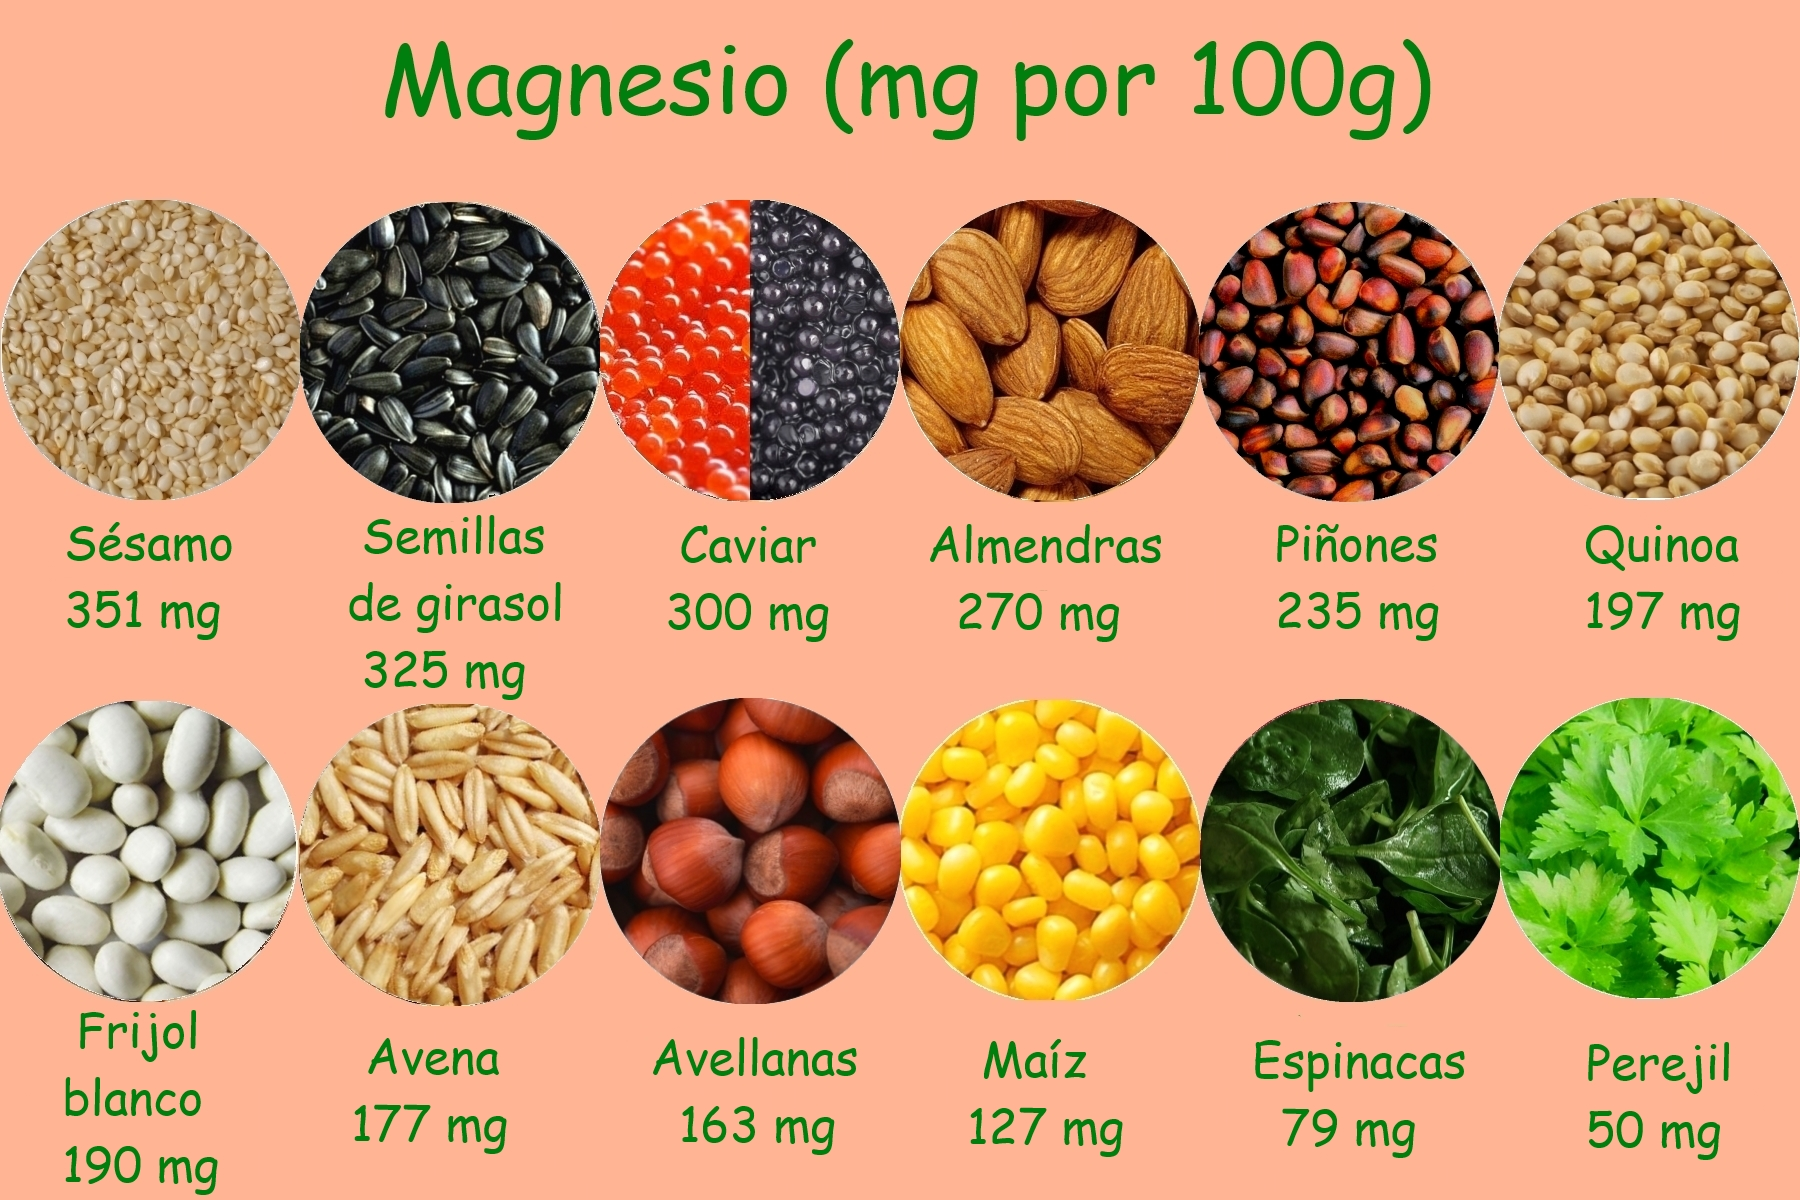 3-Alimentos-ricos-en-Magnesio-2-1